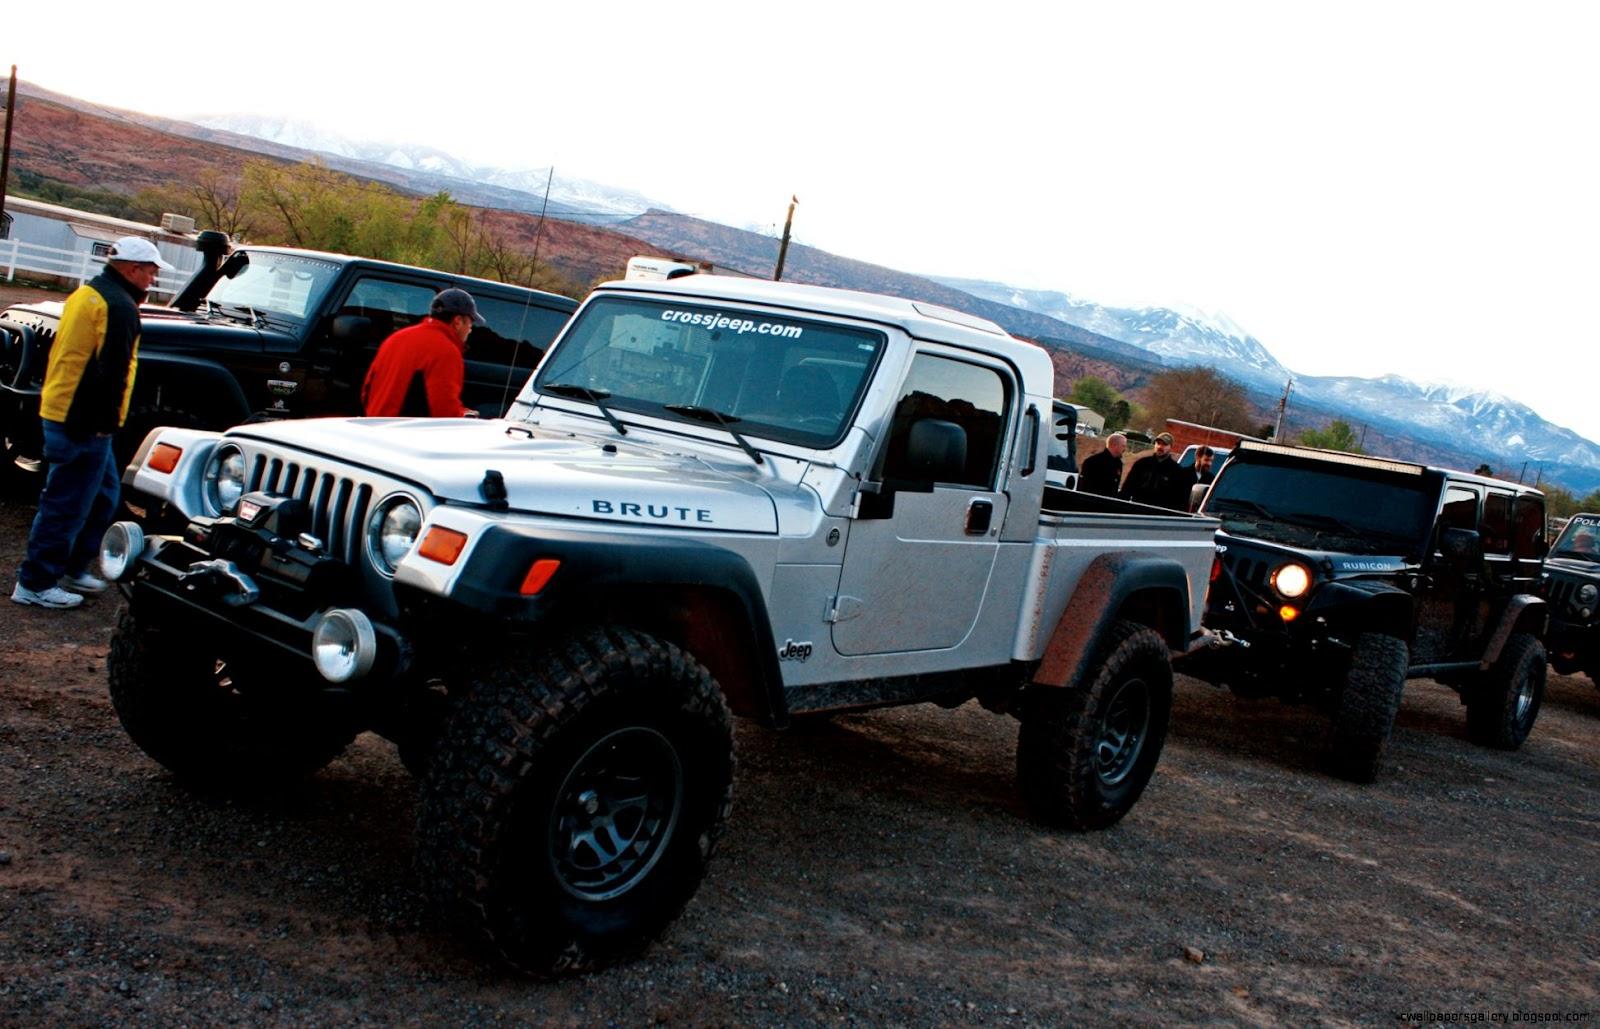 Jeep Wrangler AEV Brute